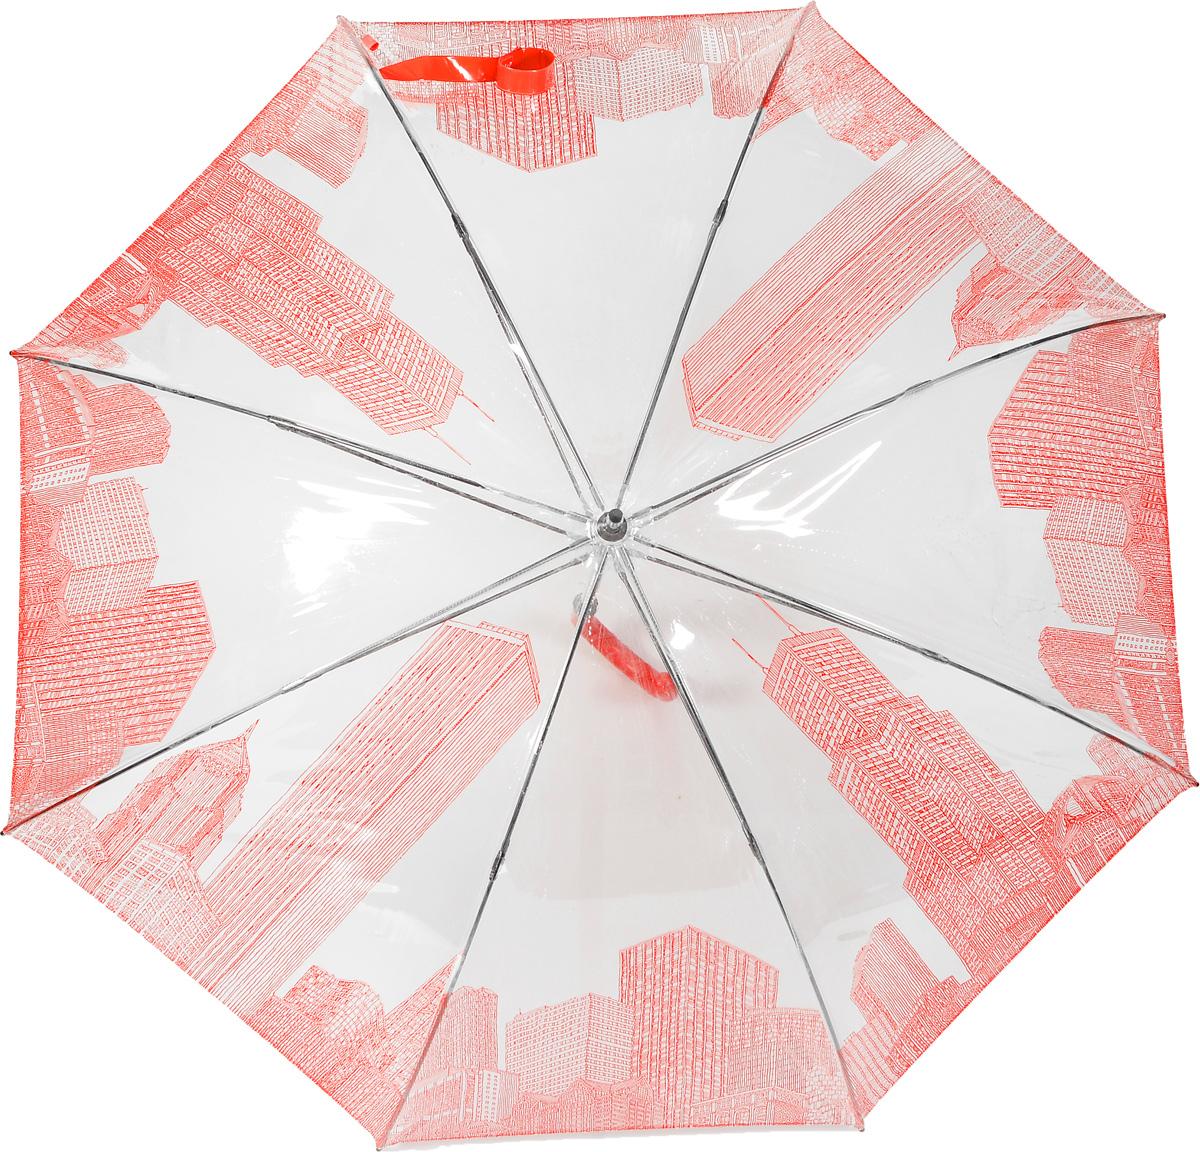 M&P 4799-2 Зонт трость женскийПуссеты (гвоздики)Зонт испанского производителя Clima. В производстве зонтов используются современные материалы, что делает зонты легкими, но в то же время крепкими.Трость автомат, 8 спиц, полиэстер.